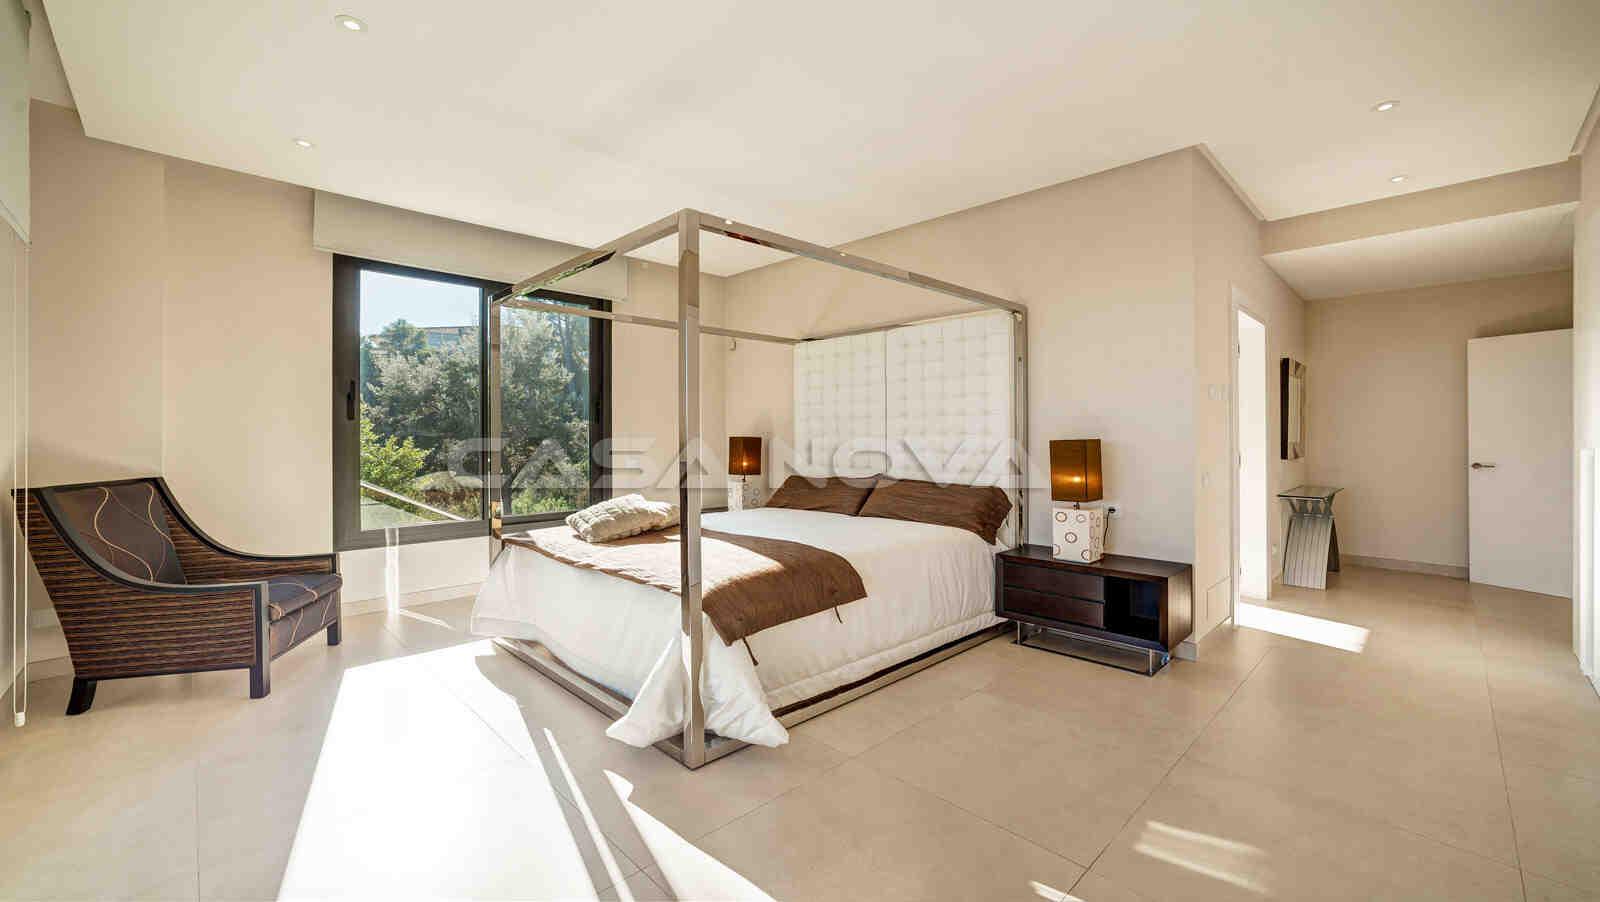 Grosses Hauptschlafzimmer mit Bad en Suite und Terrassenzugang